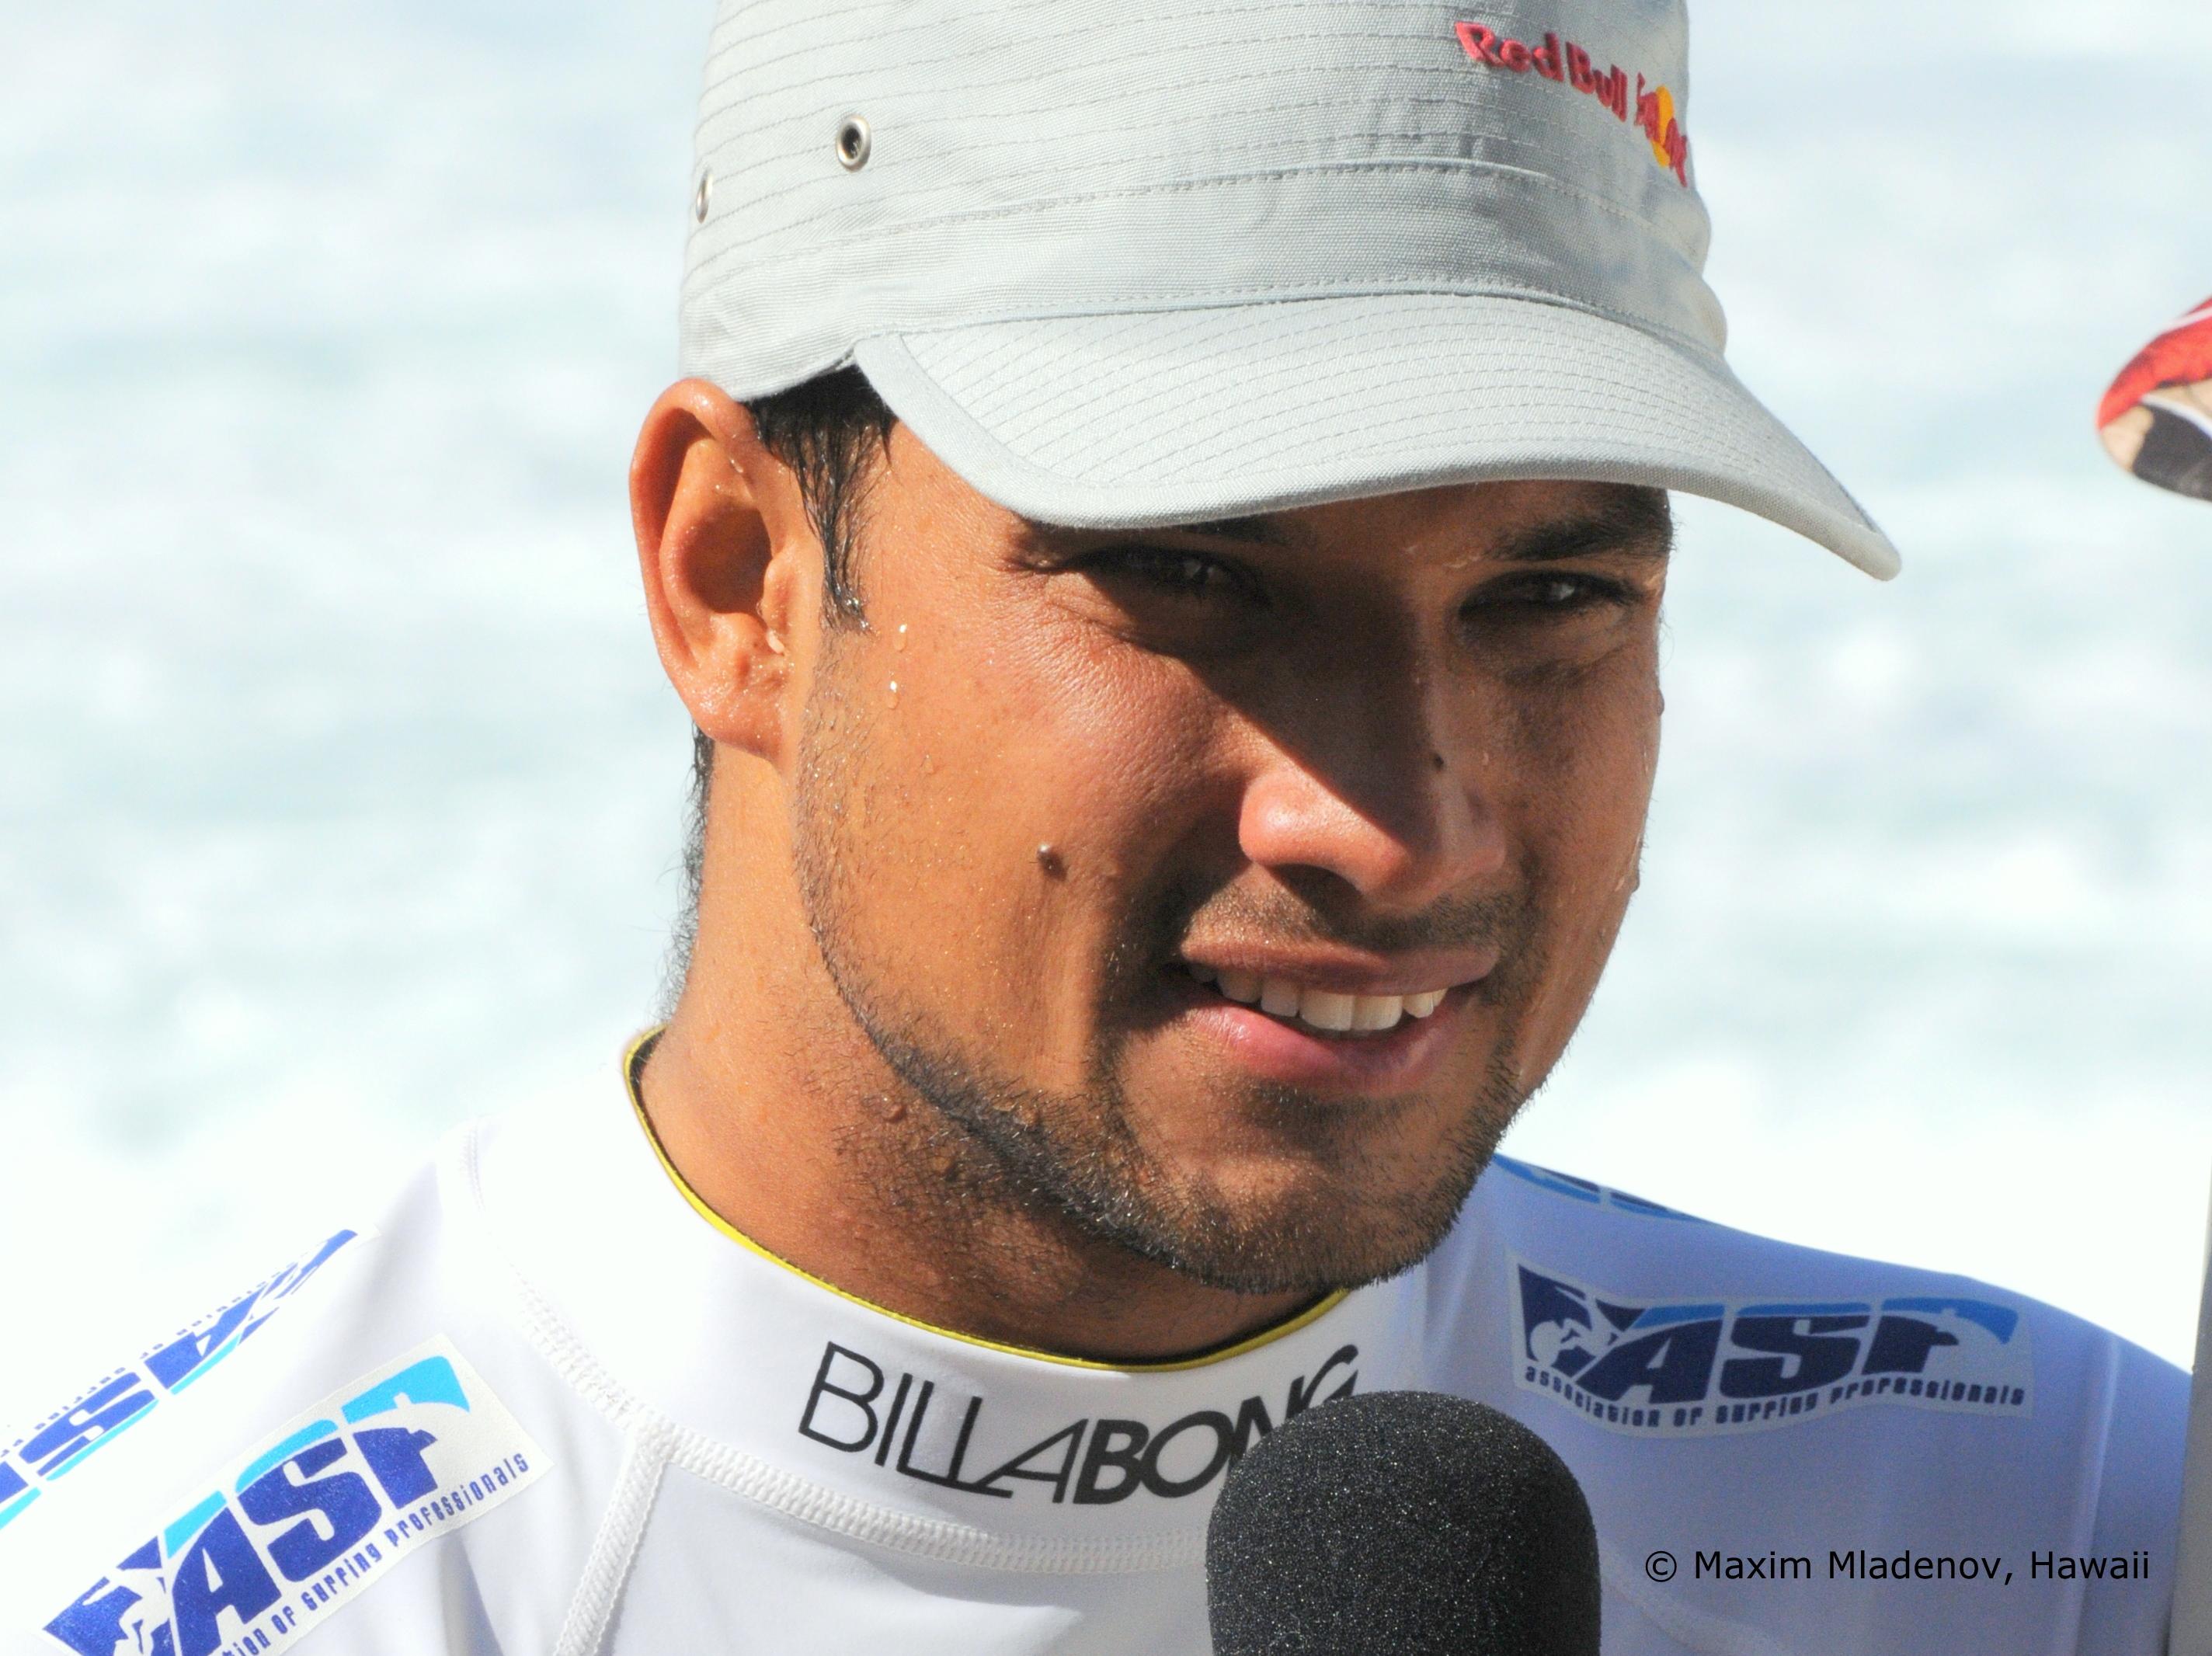 Michel Bourez interviewé après son round 8 remporté face à Adam Melling (AUS) le 09-12-2011 © Maxim Mladenov, Hawaii